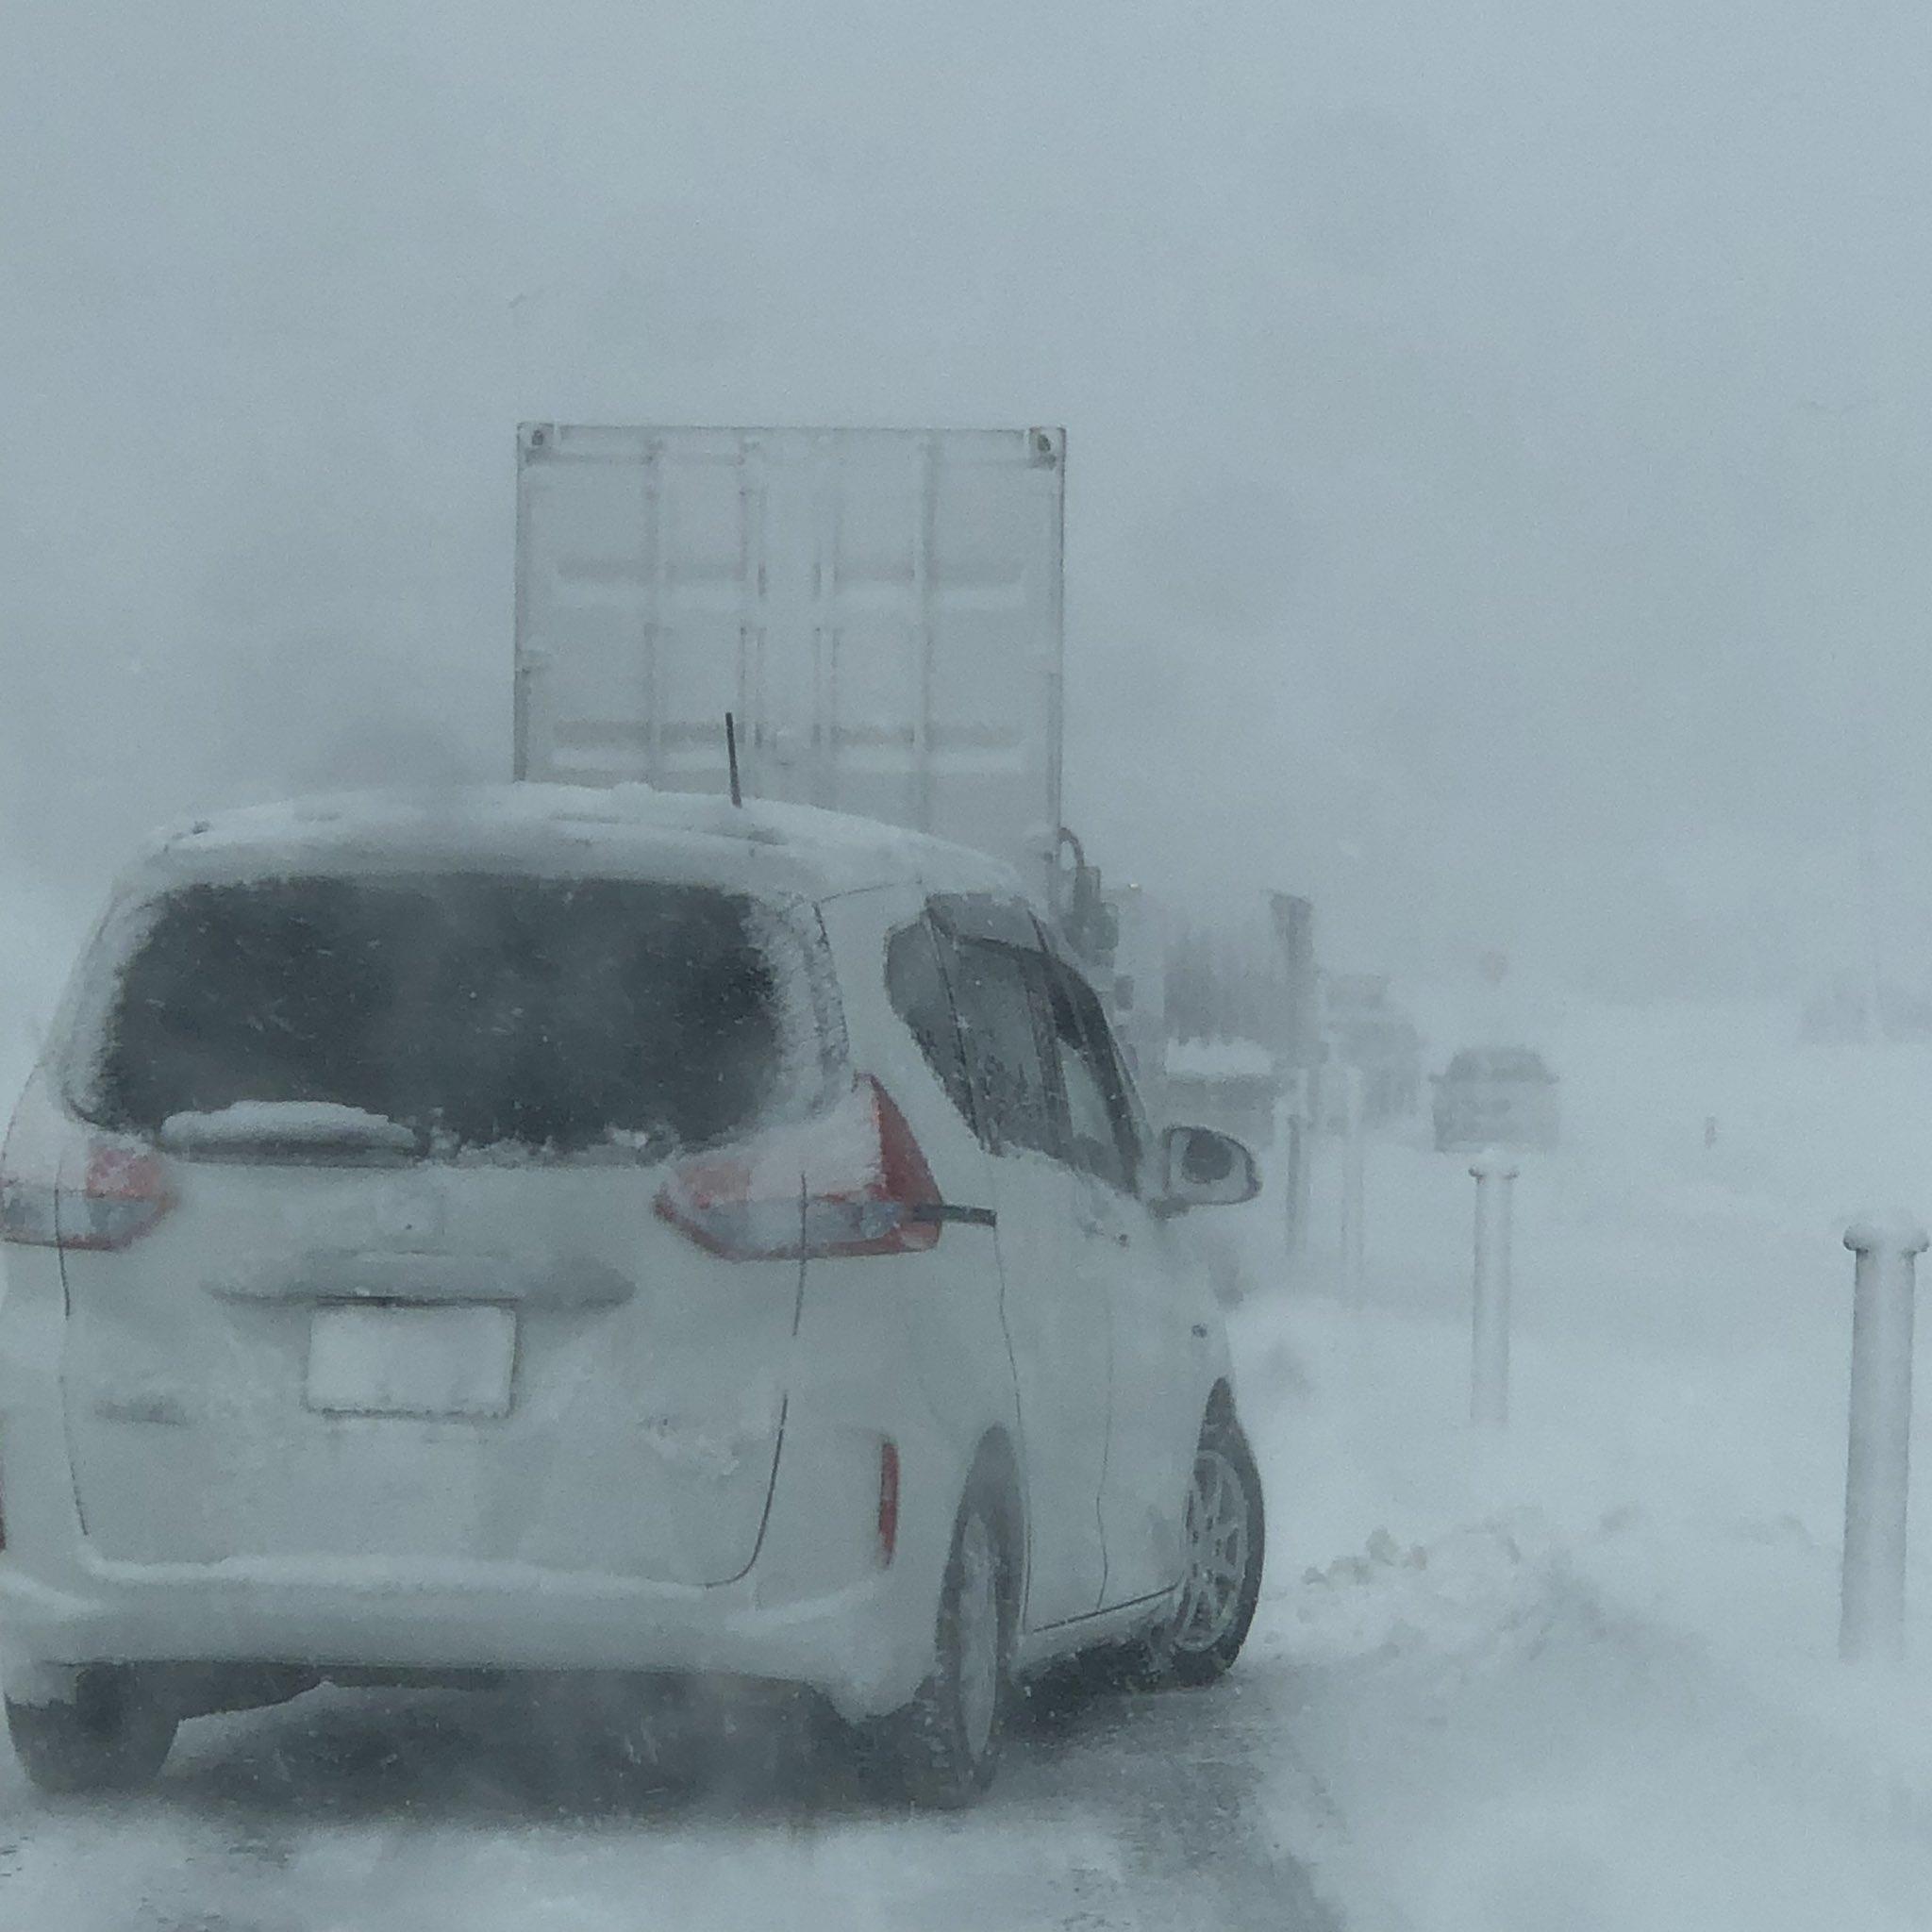 画像,東北中央道の栗子トンネル付近で事故のようです。30分以上動いていないですねぇ(´Д` )。#東北自動車道 https://t.co/RJaUcYCsqq…